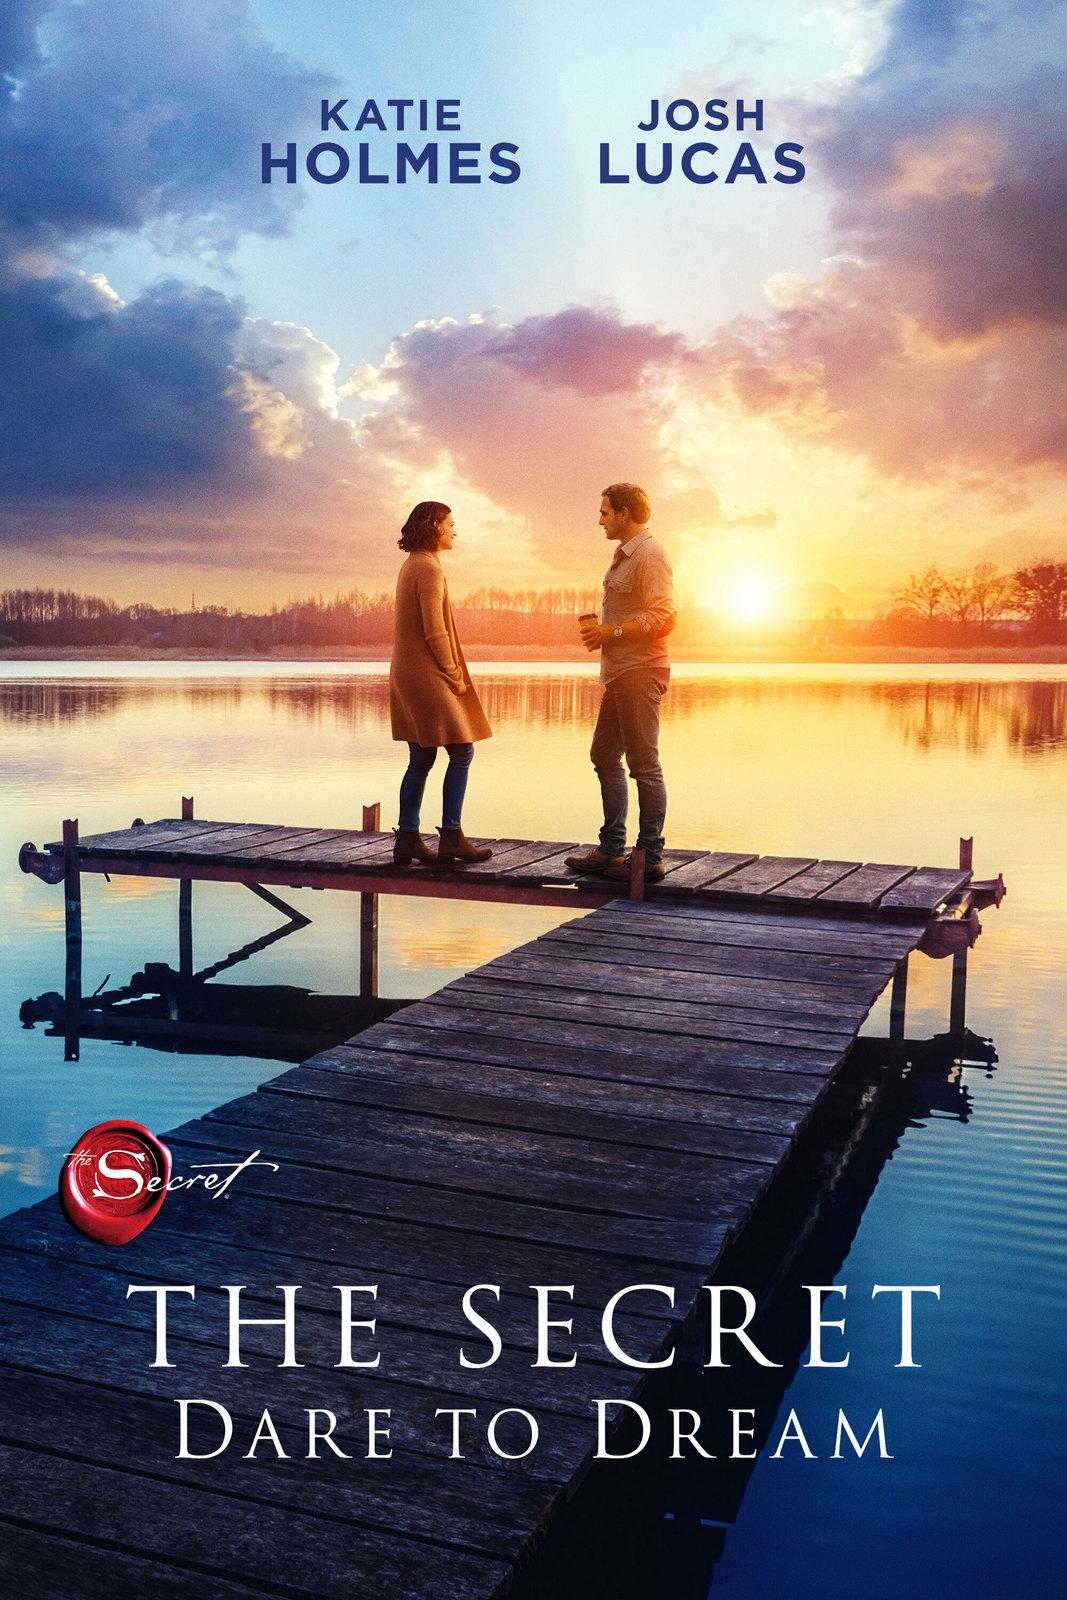 The Secret - Dare to Dream.jpg